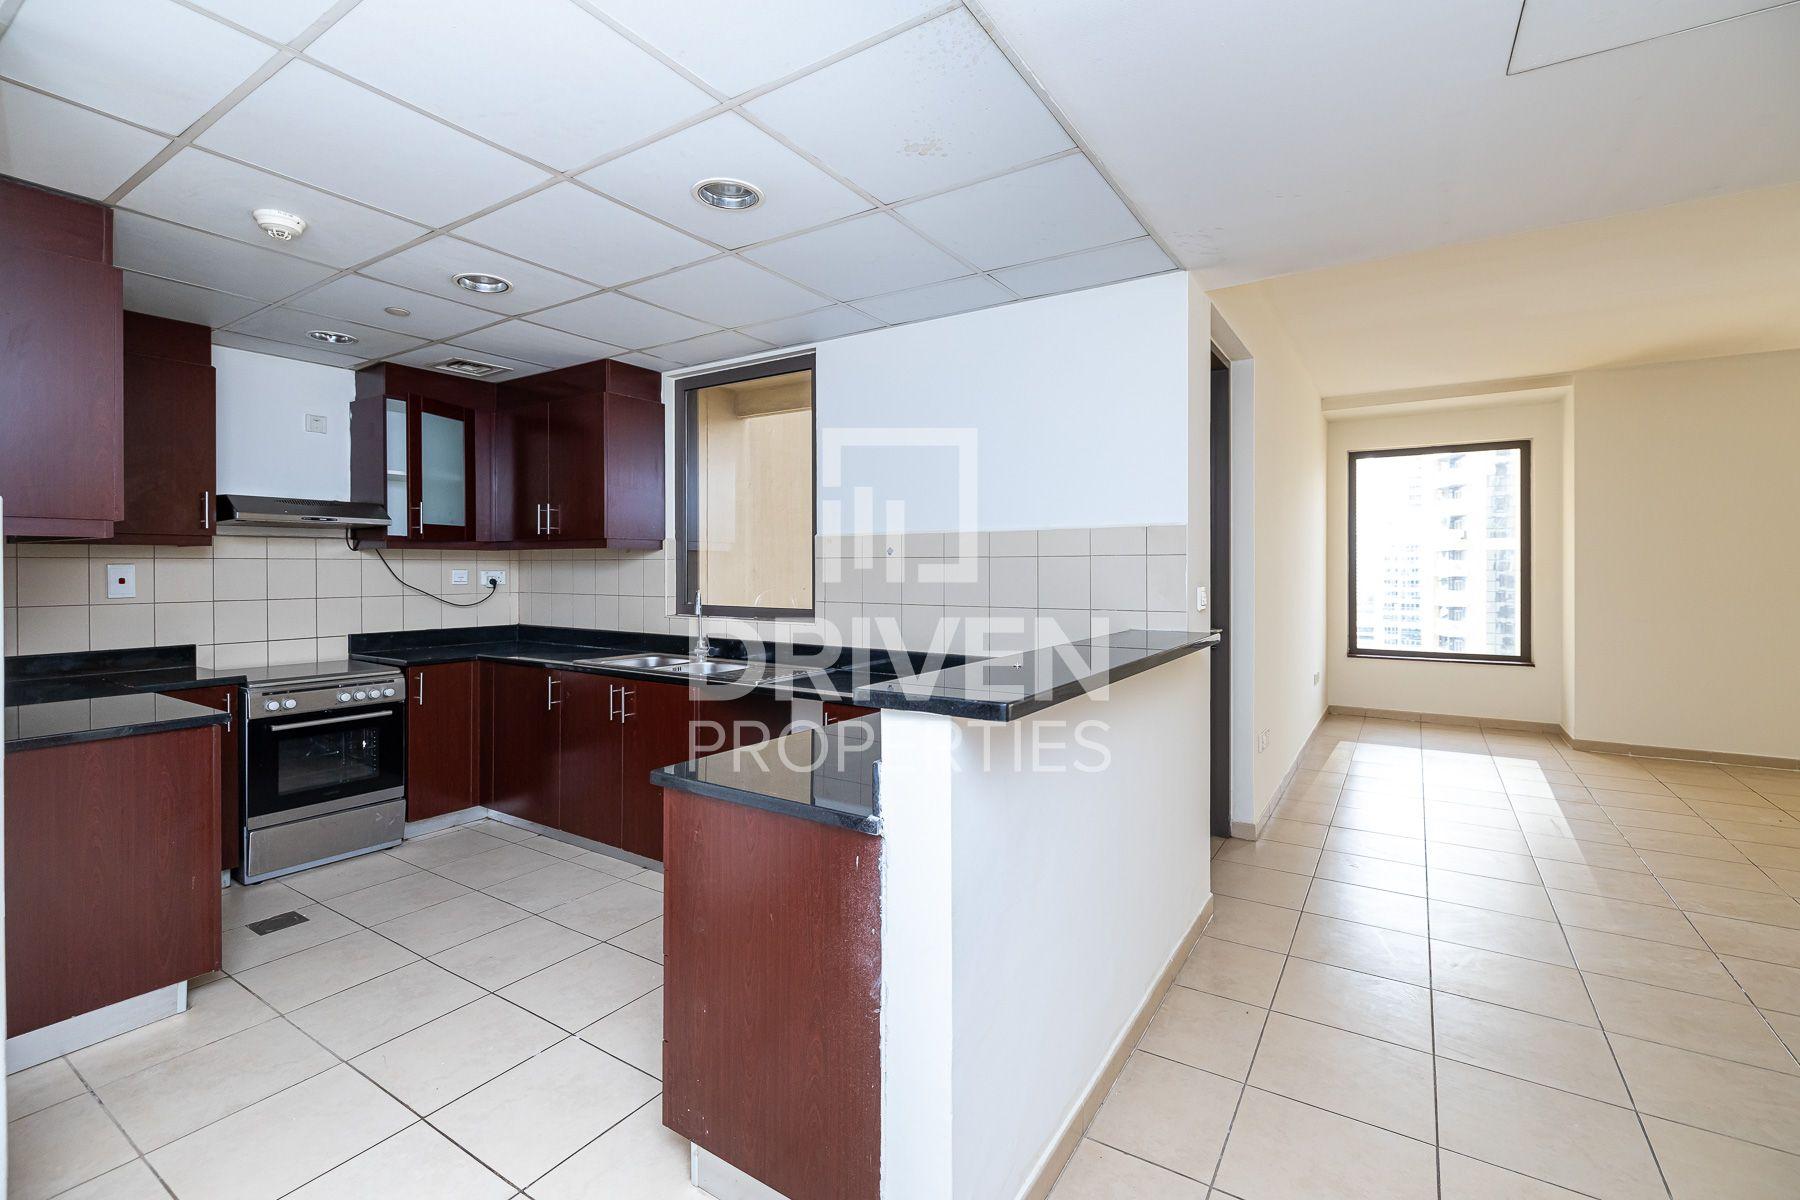 للايجار - شقة - مرجان 1 - مساكن شاطئ الجميرا